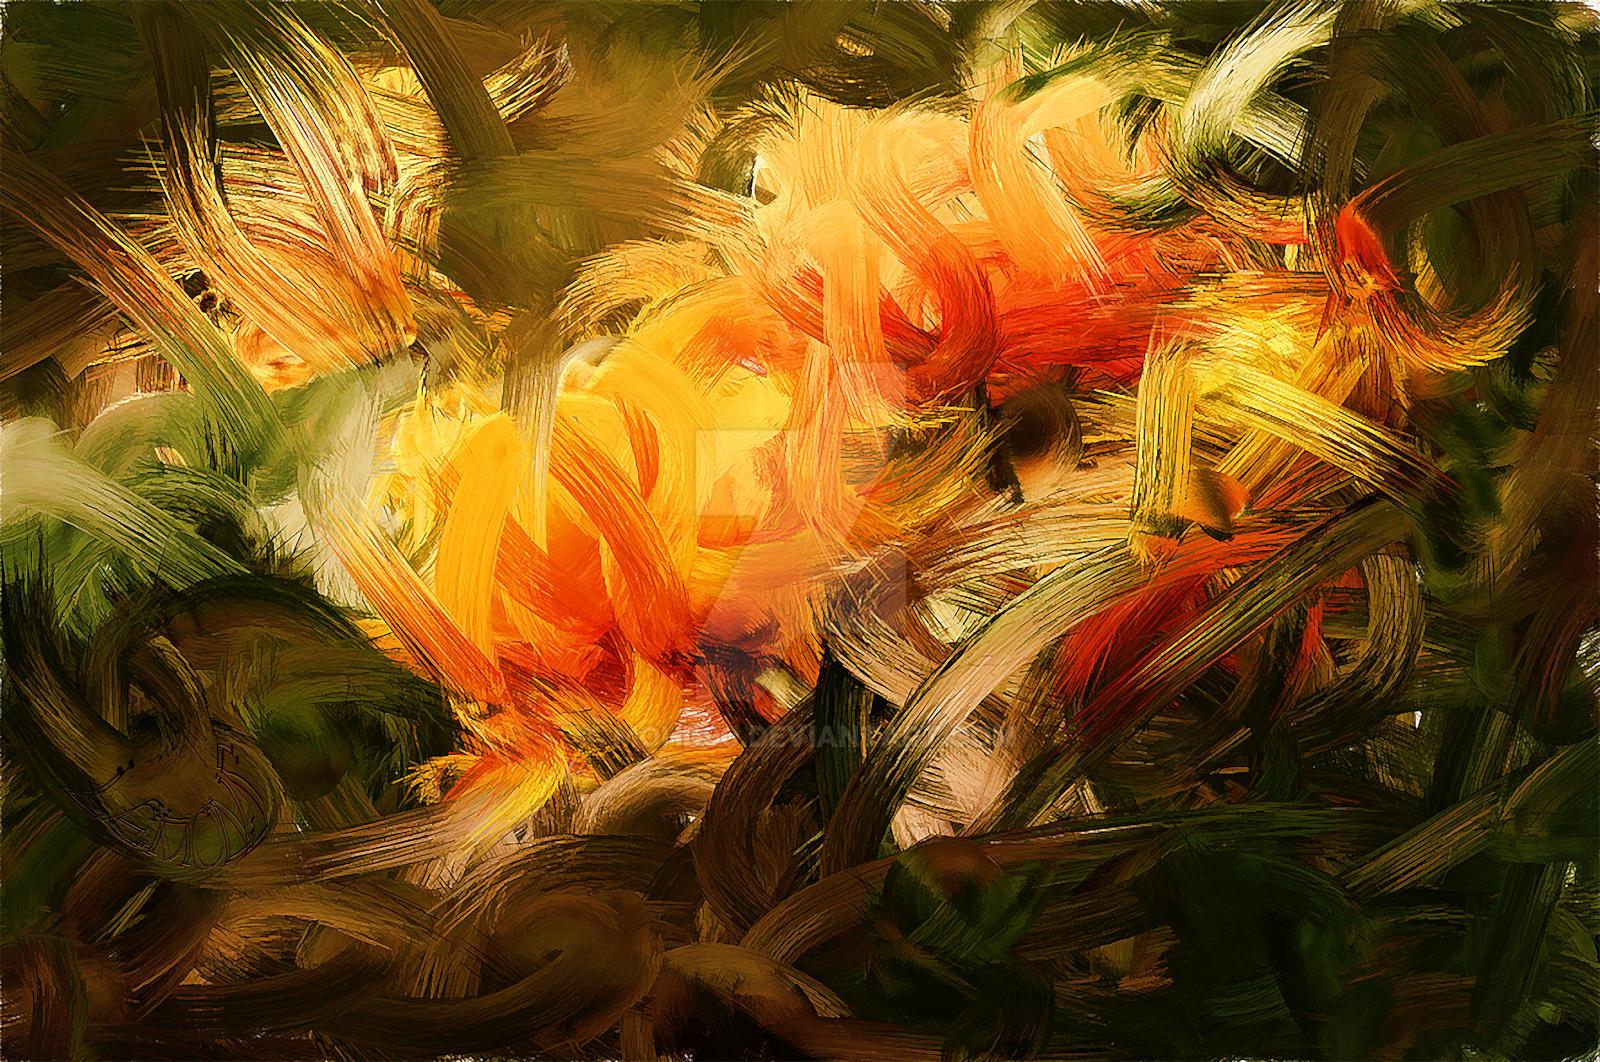 Flower flies by mohd90